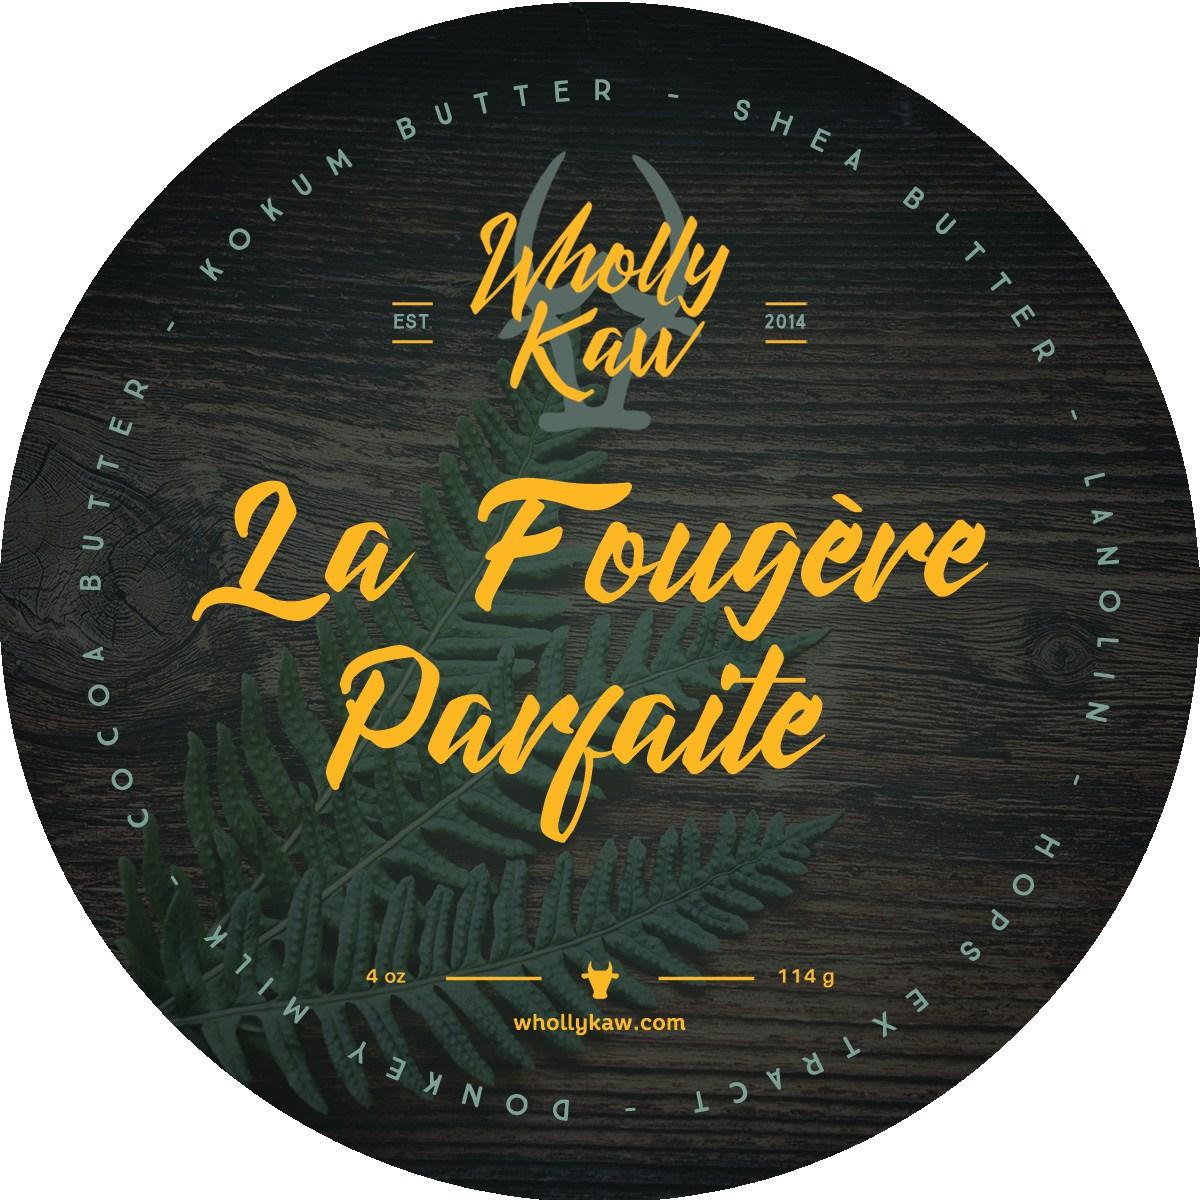 Wholly Kaw - La Fougère Parfaite - Soap image